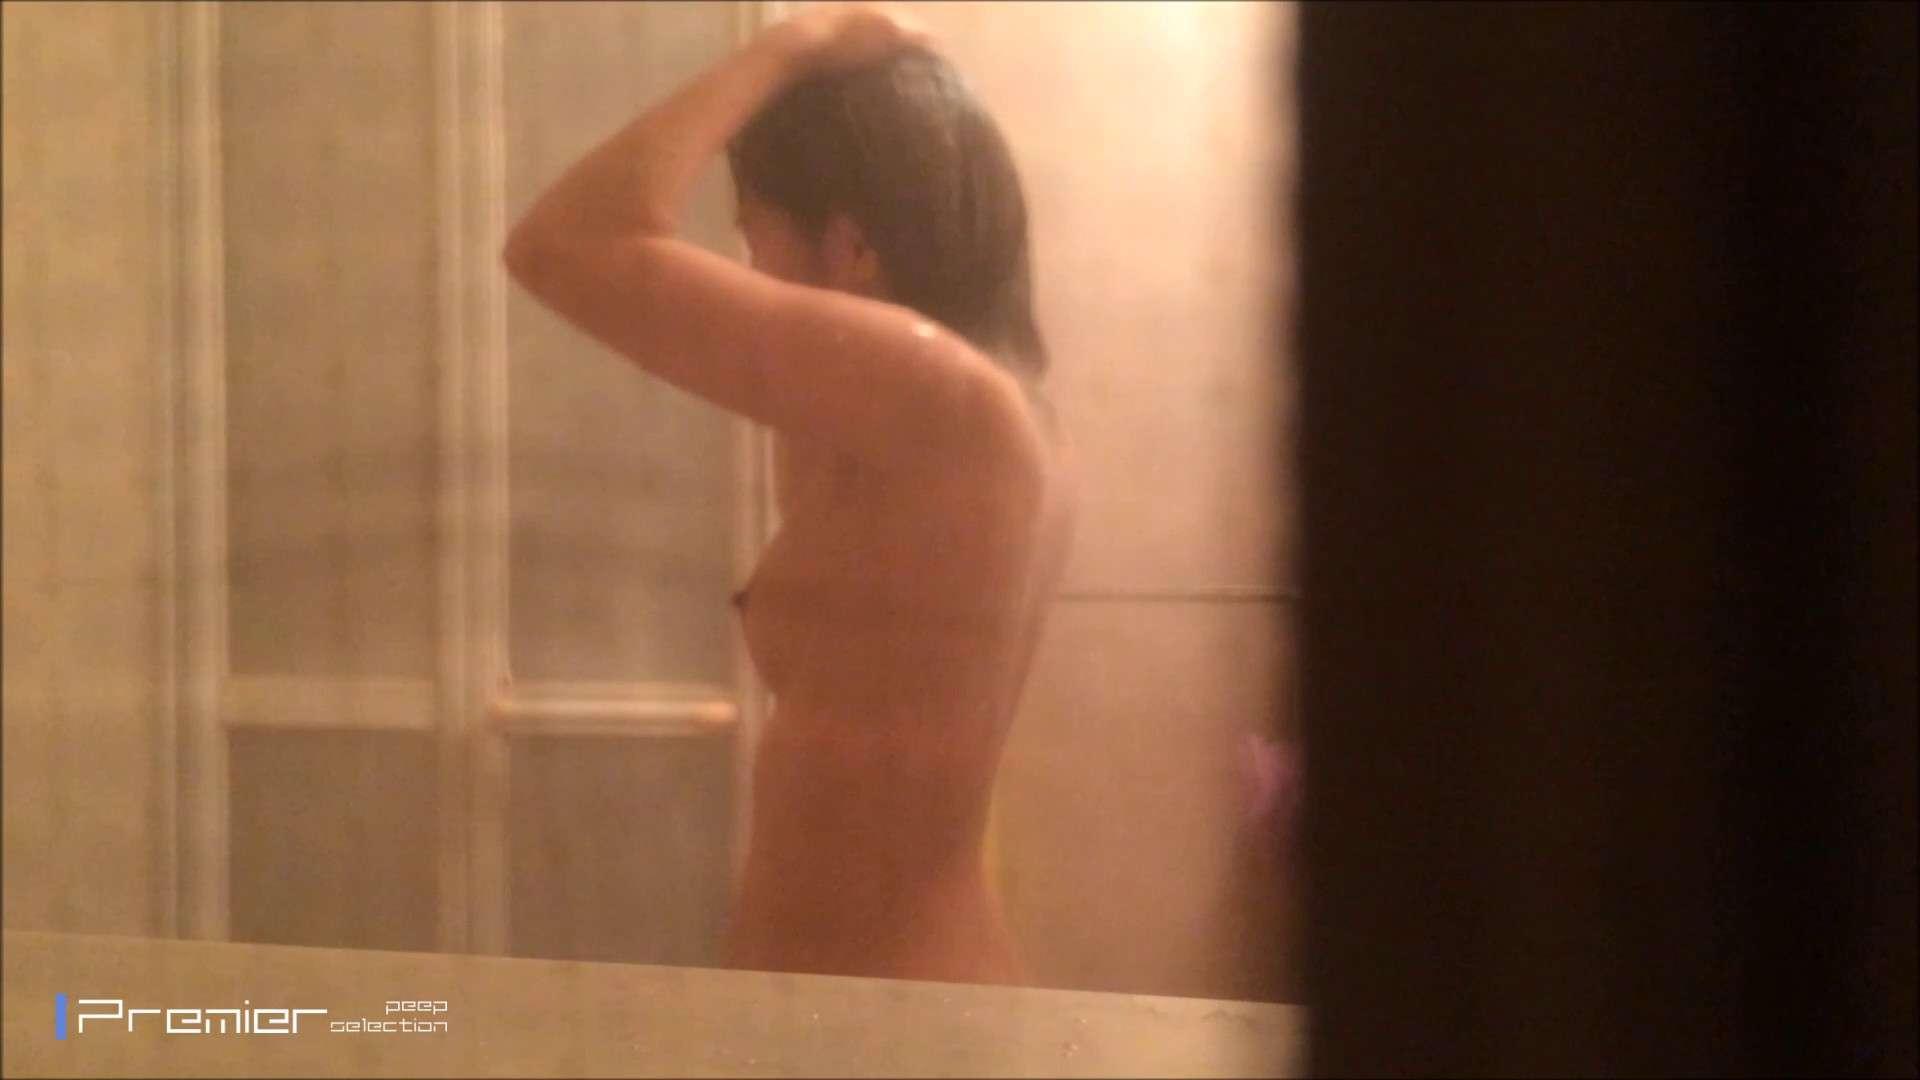 シャワーのお湯を跳ね返すお肌 乙女の風呂場 Vol.03 丸見え  96PIX 1